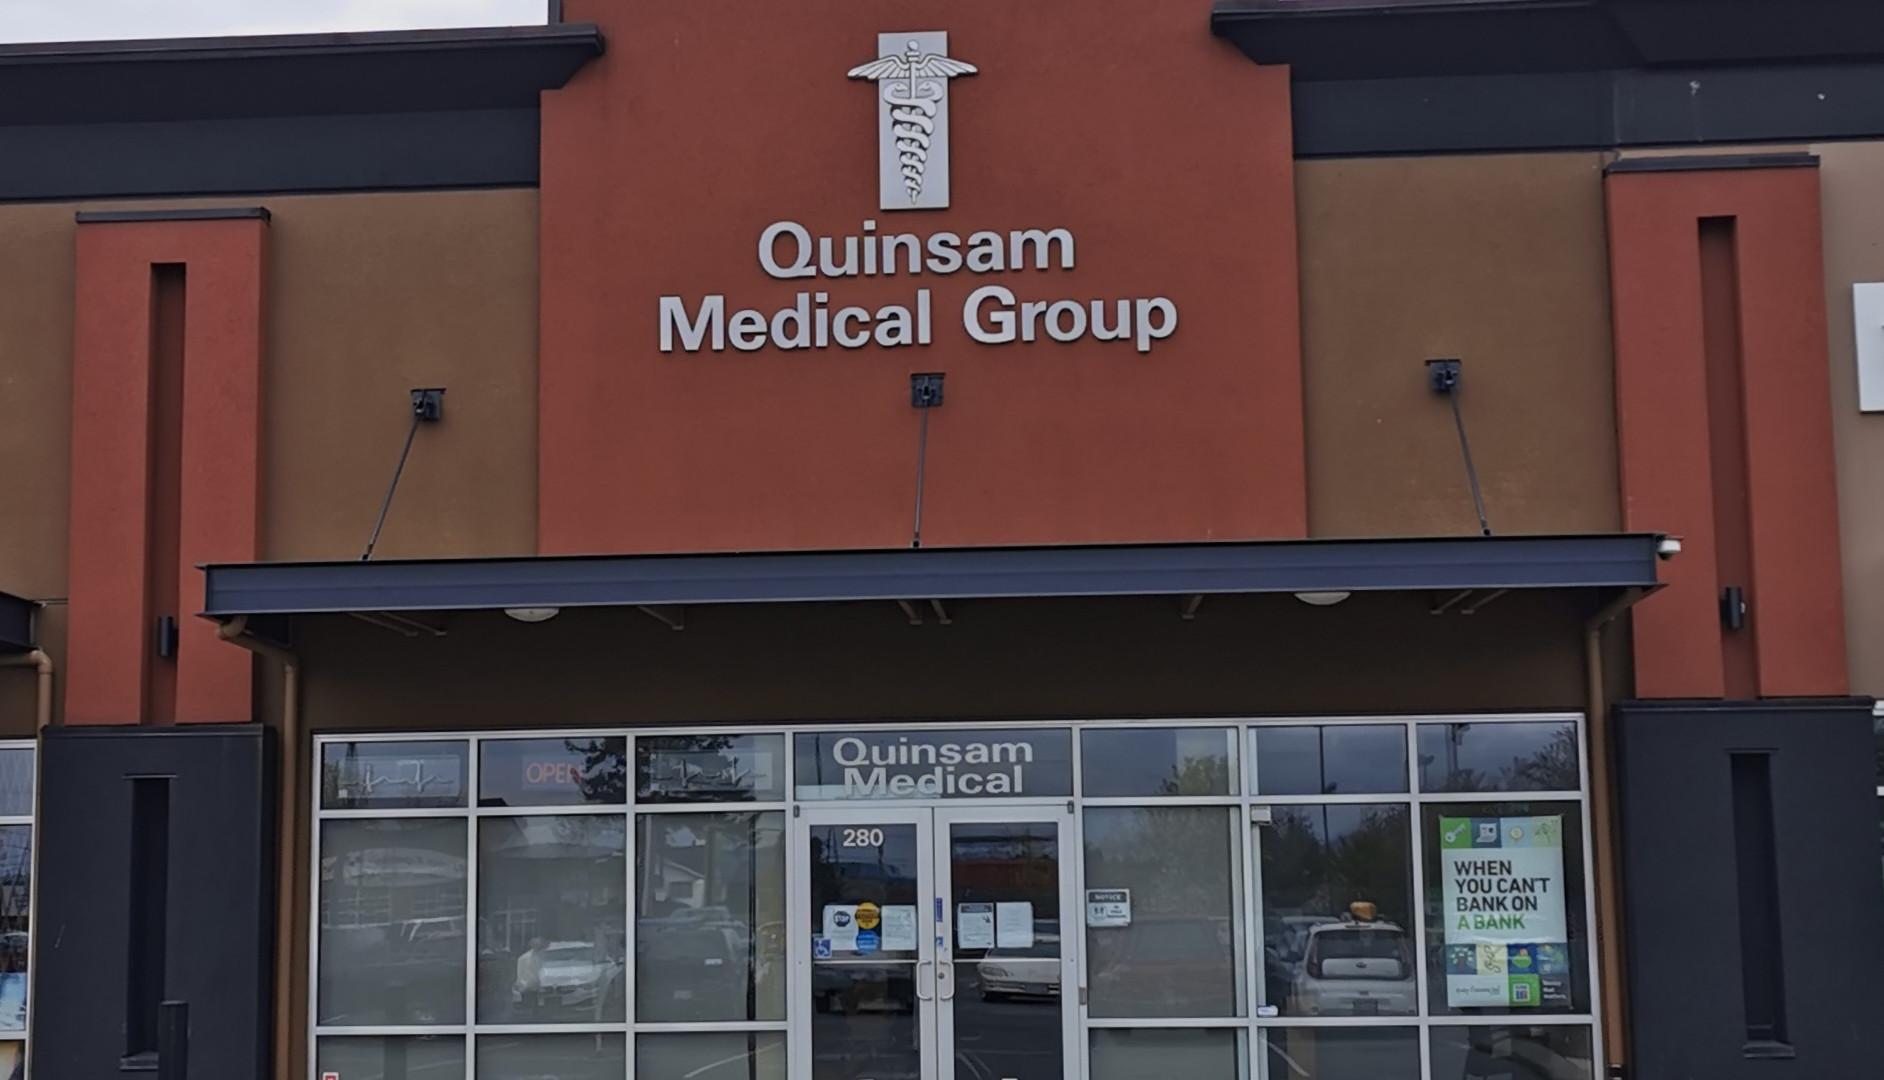 Quinsam Medical